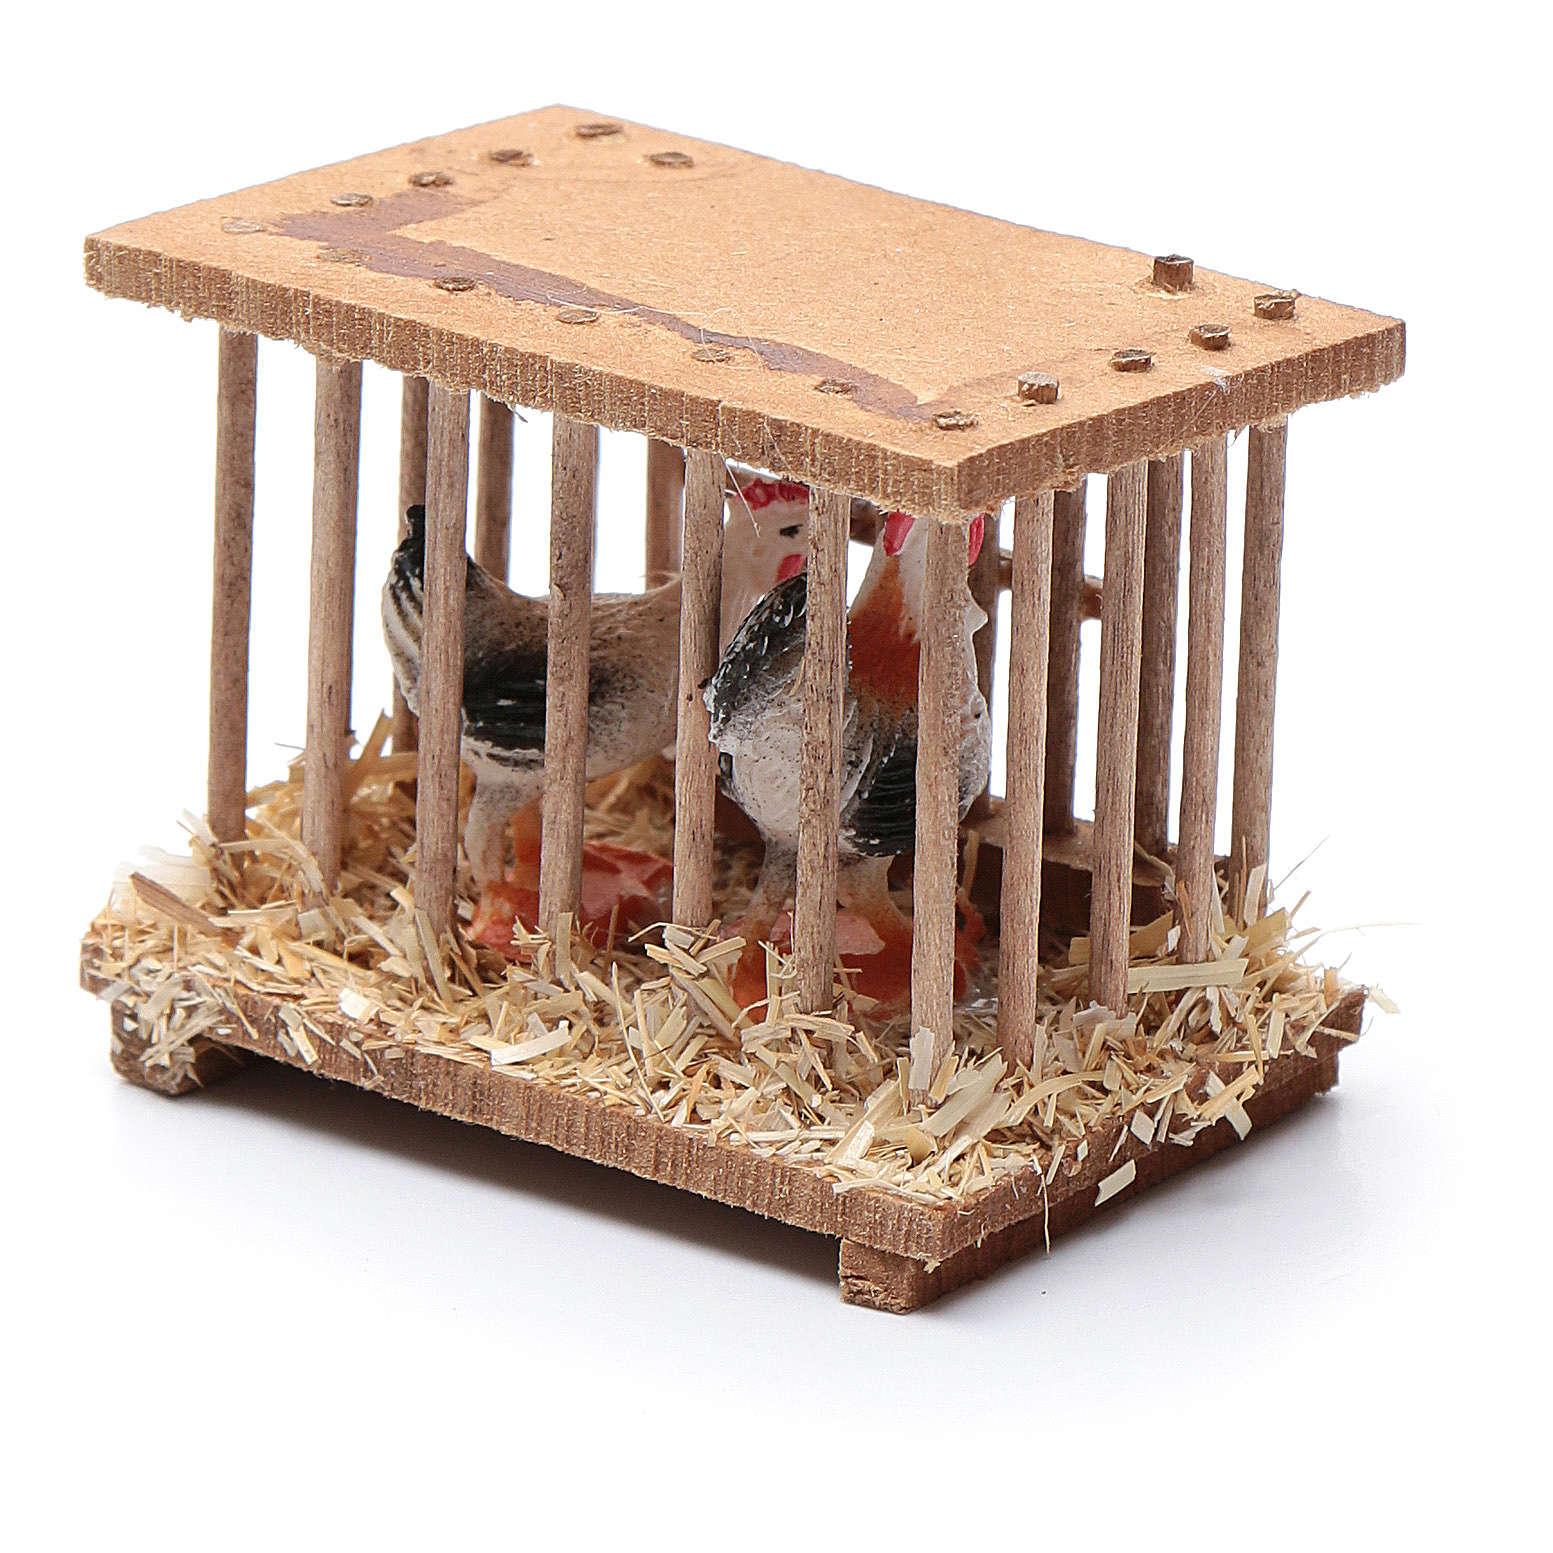 Nativity scene wooden cage 5x5x3 cm 4